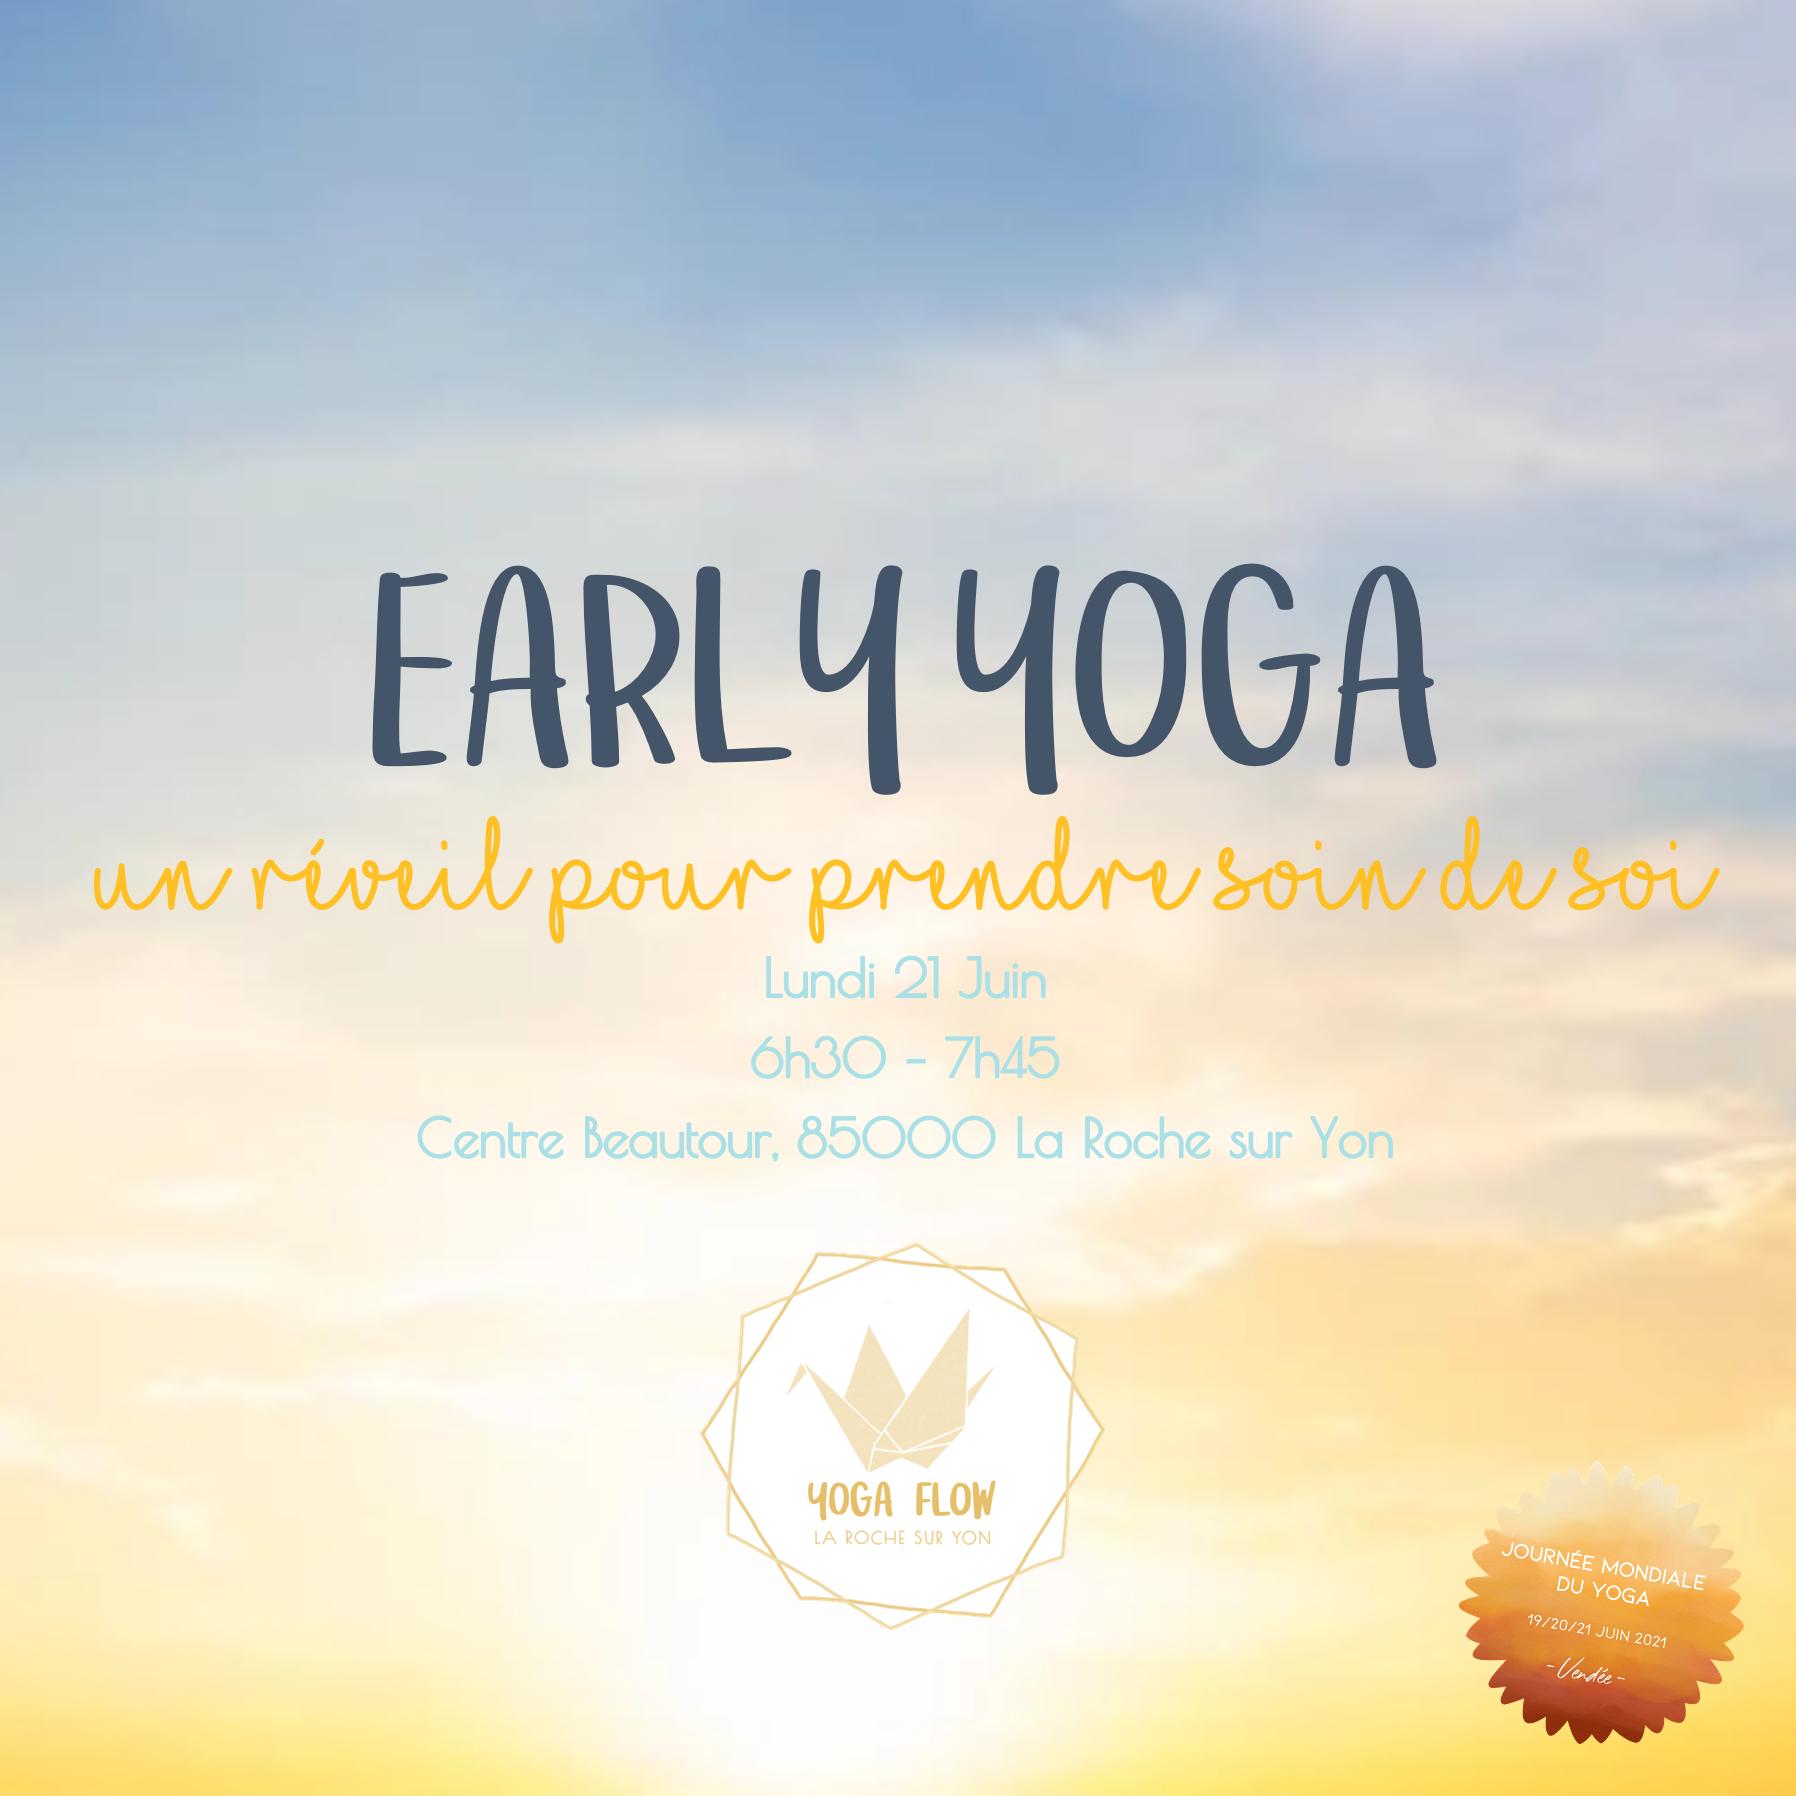 Atelier Journée mondiale du yoga 2021 LA Roche sur Yon - Early yoga un réveil pour prendre soin de soi